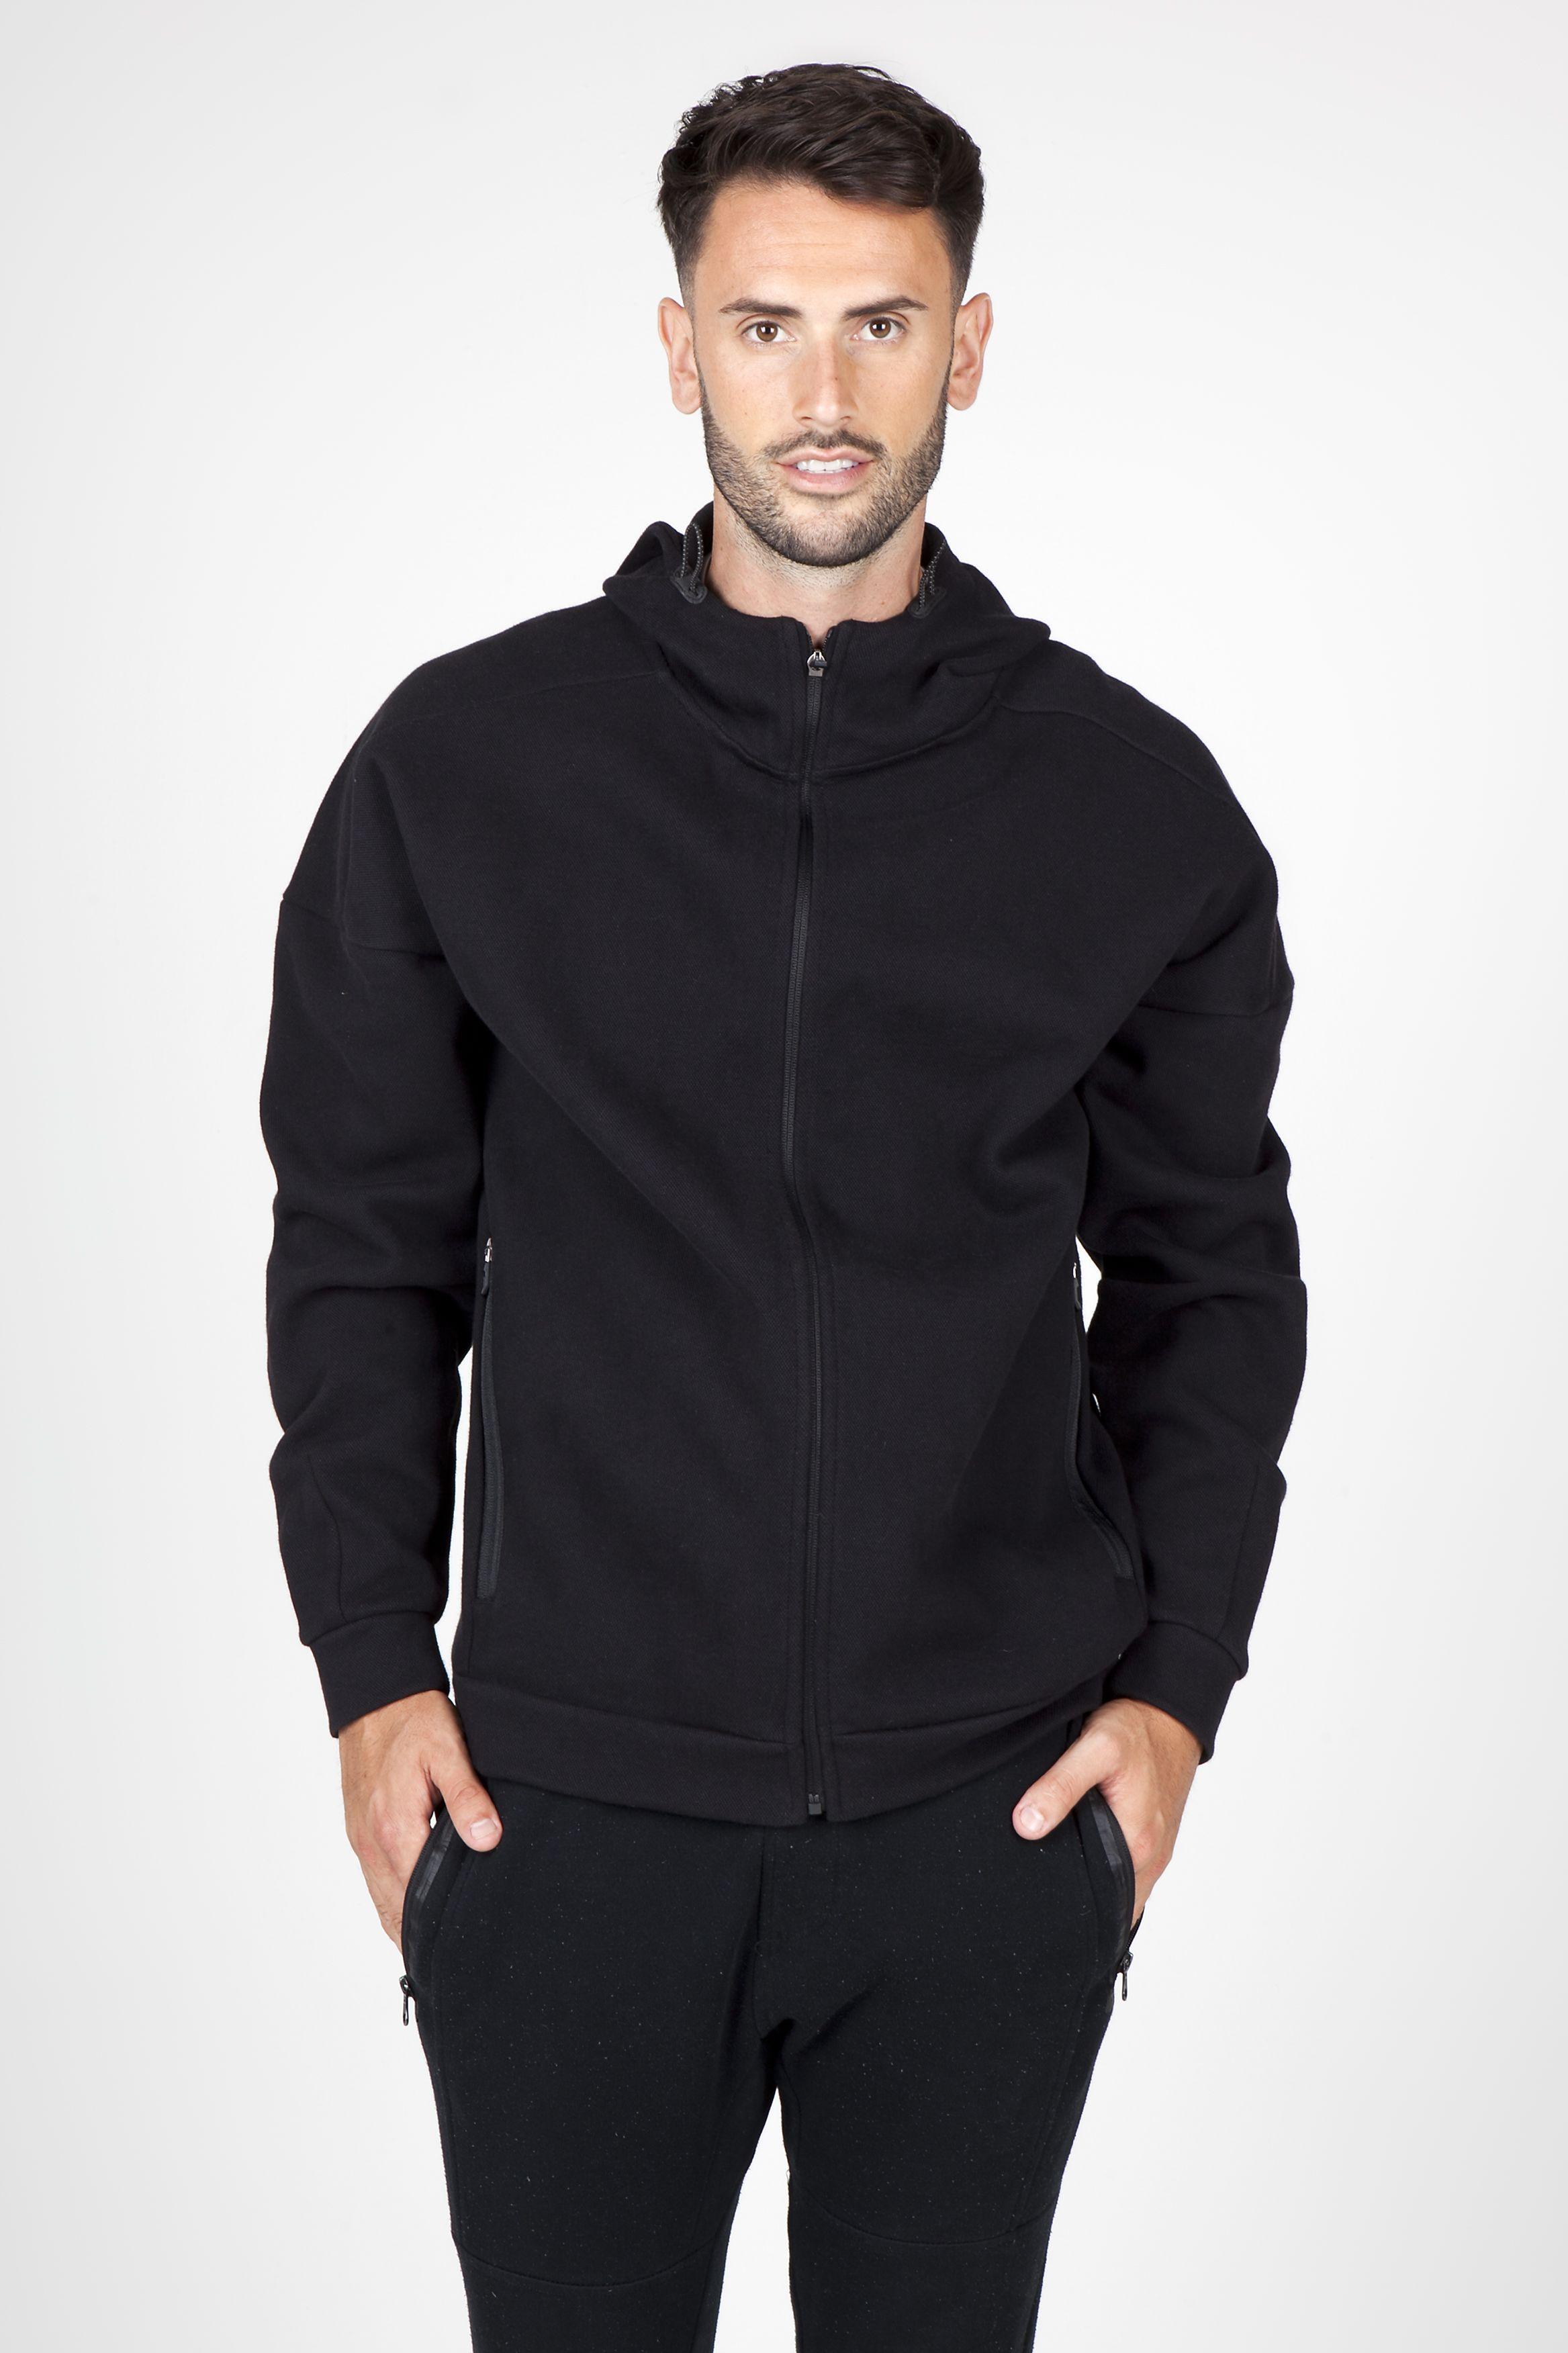 Mens' SPACE hoodie